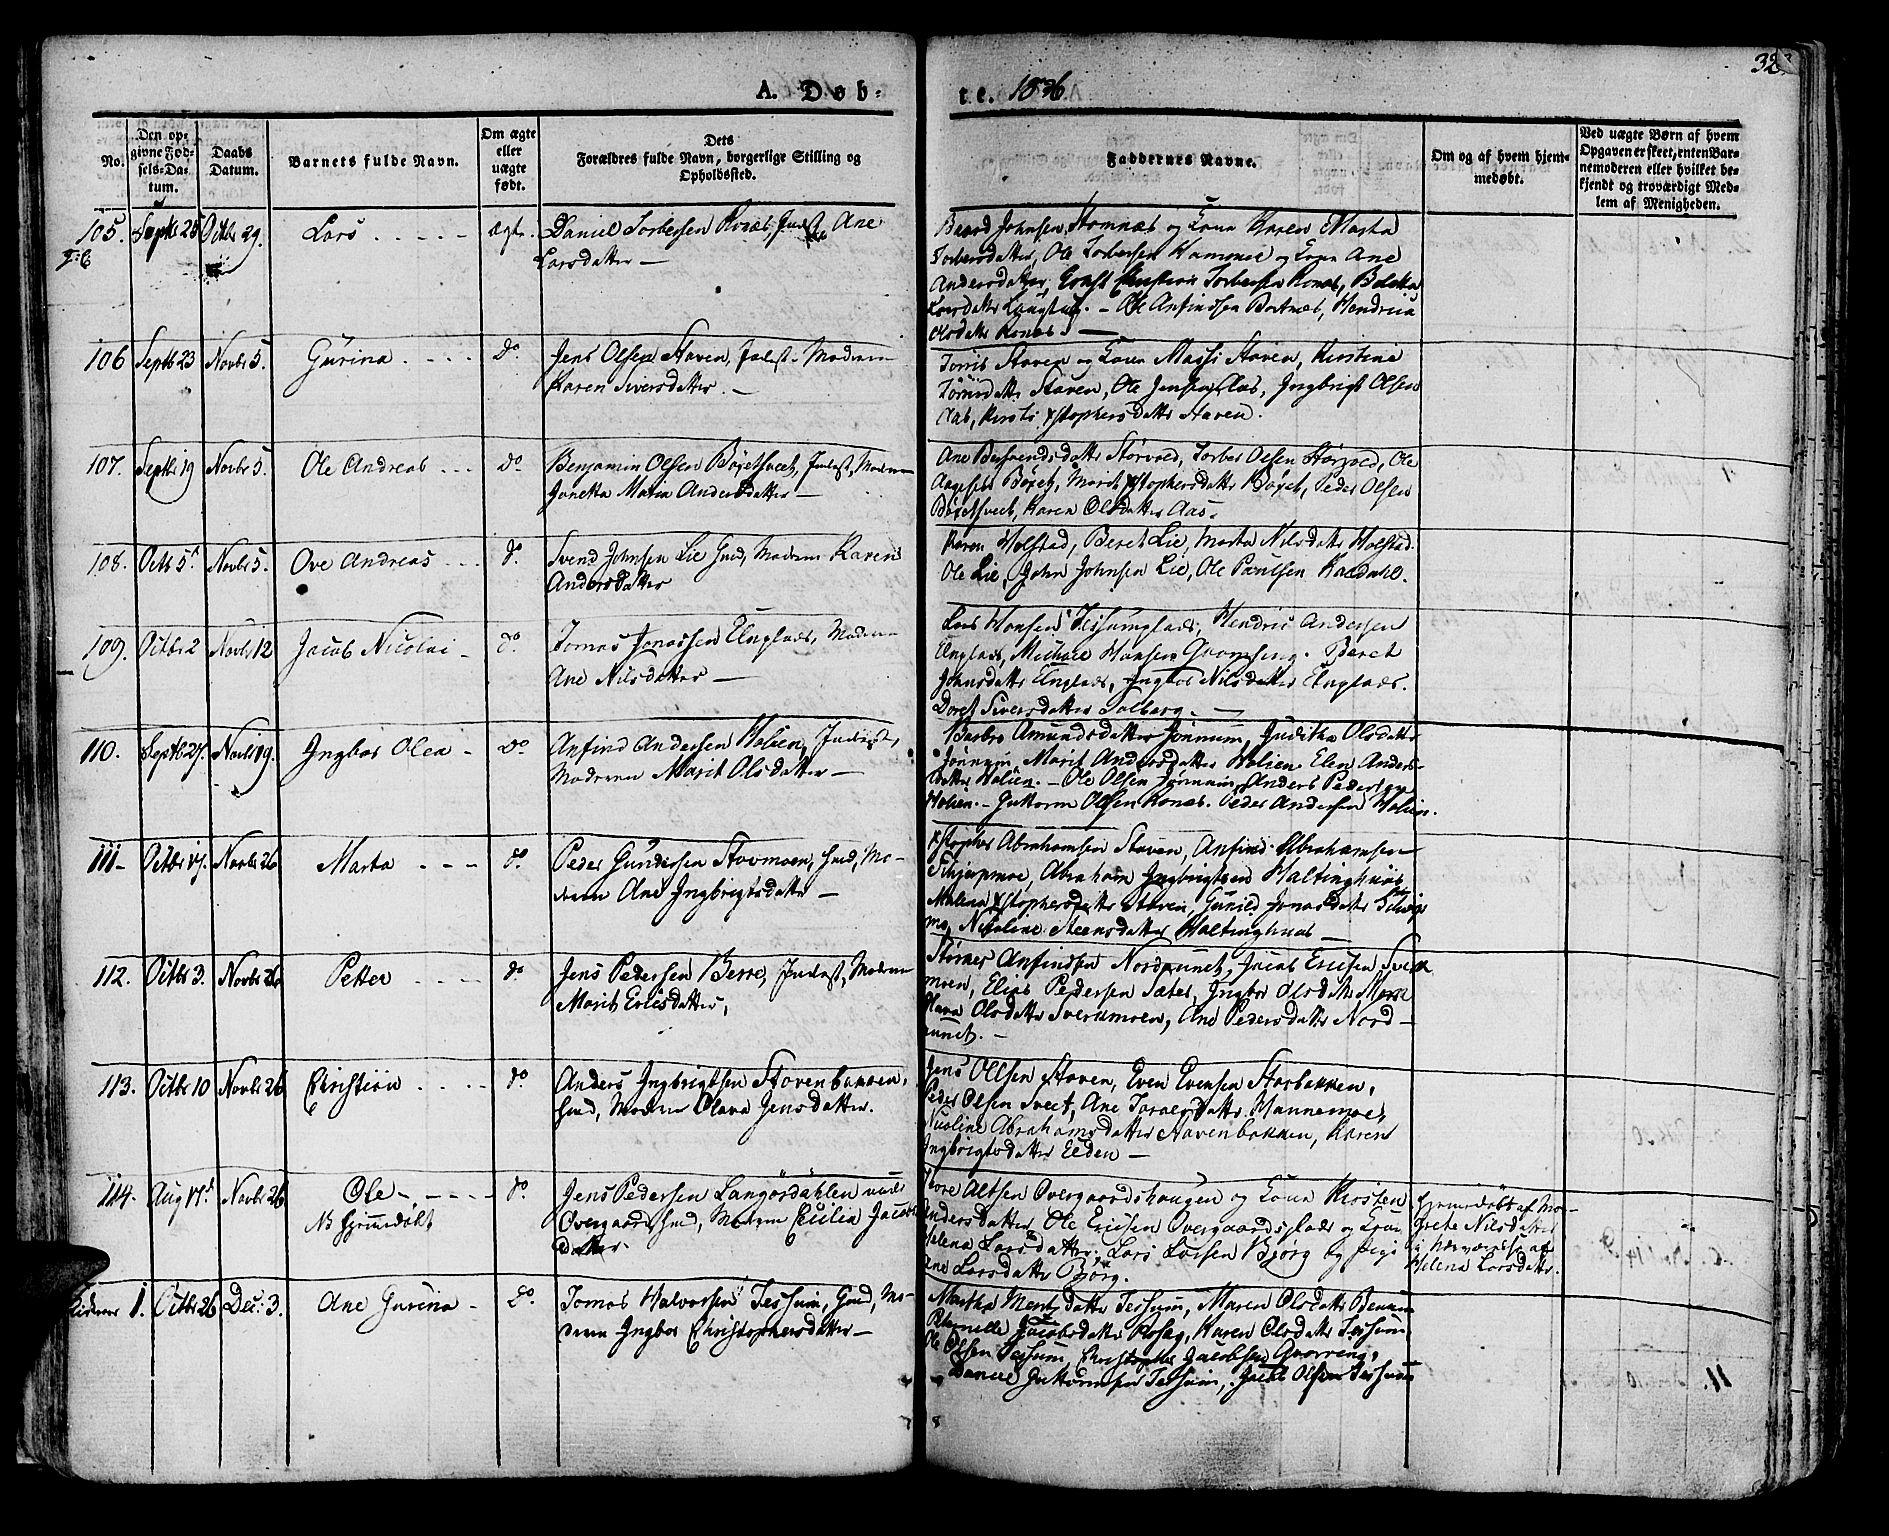 SAT, Ministerialprotokoller, klokkerbøker og fødselsregistre - Nord-Trøndelag, 741/L0390: Ministerialbok nr. 741A04, 1822-1836, s. 32